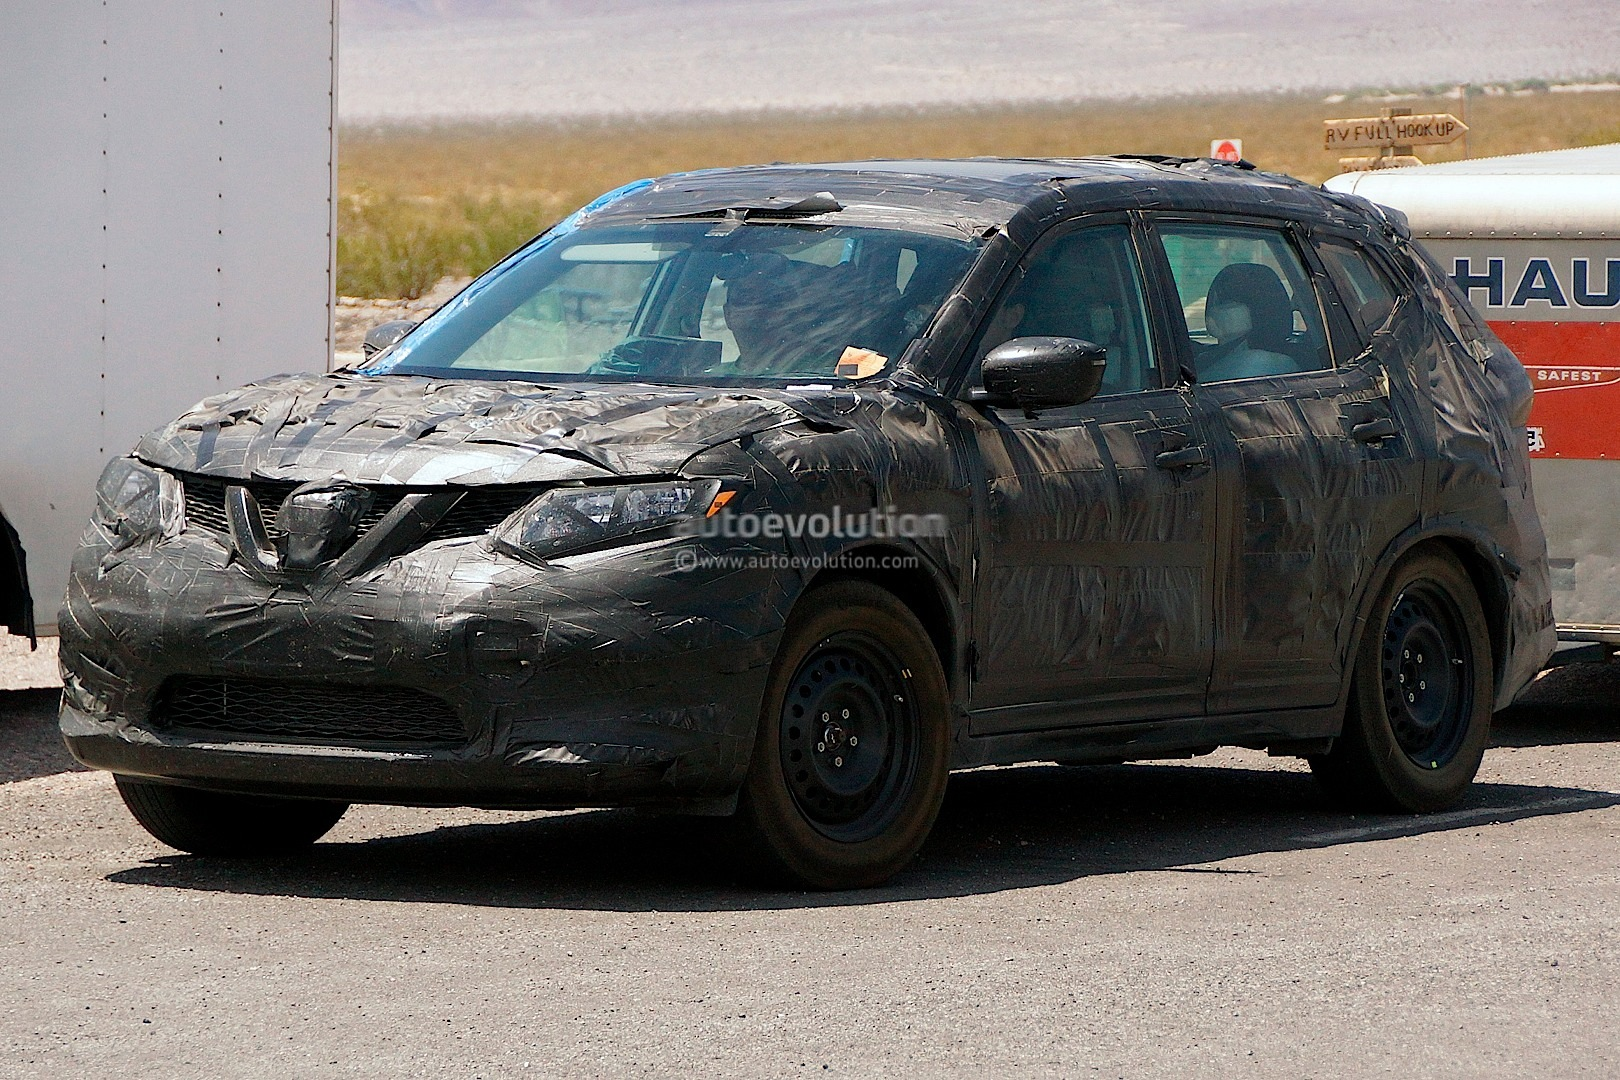 2014 Nissan Qashqai - Photo #